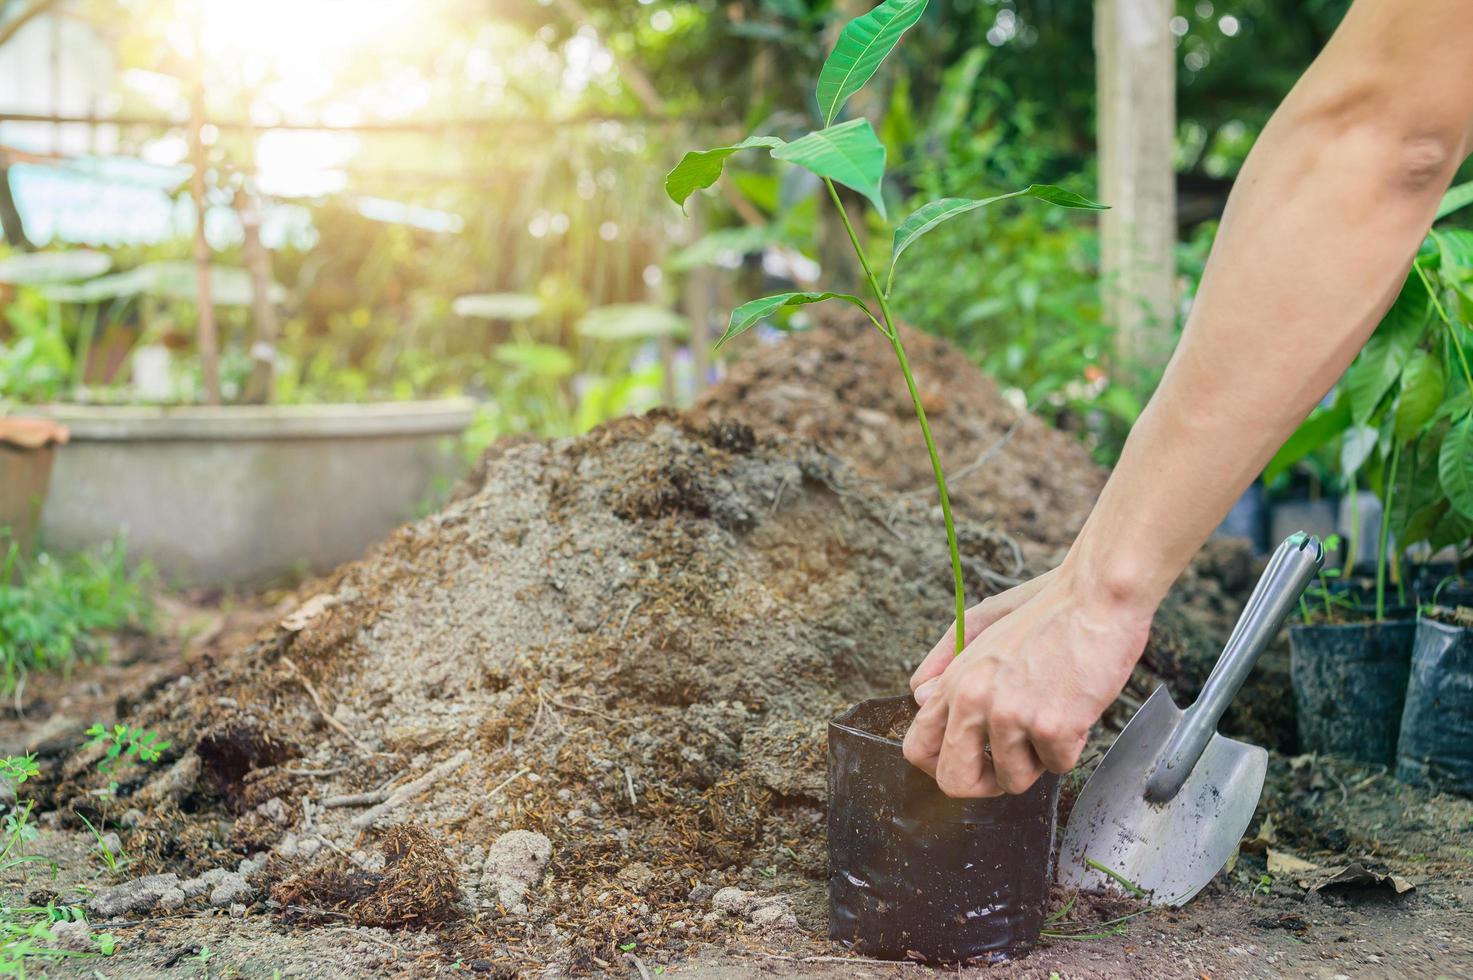 människor som planterar träd i plastpåsar foto